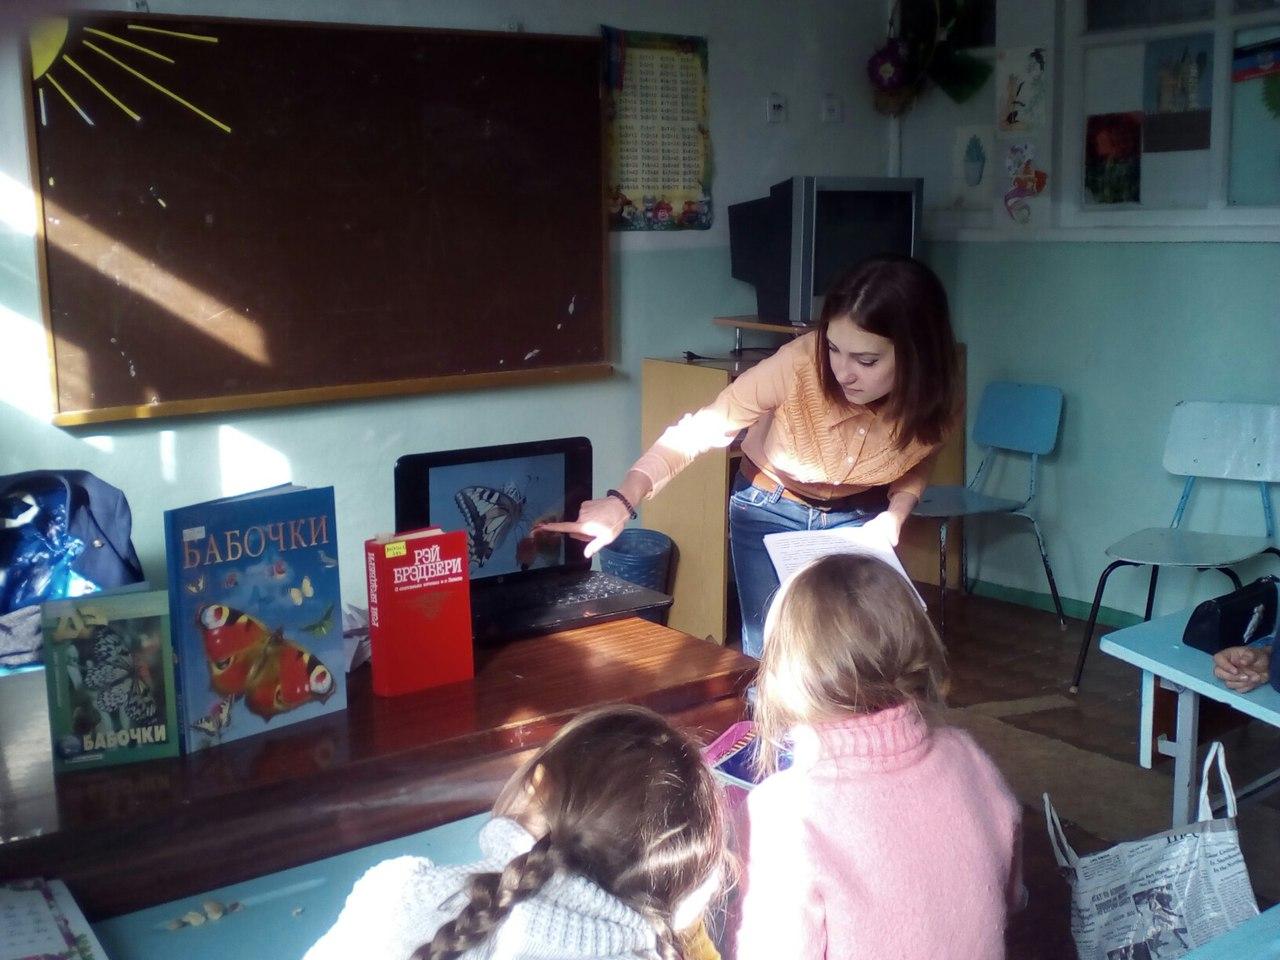 бабочки, донецкая республиканская библиотека для детей, сектор организации досуга, рекомендуем почитать, рей бредбери